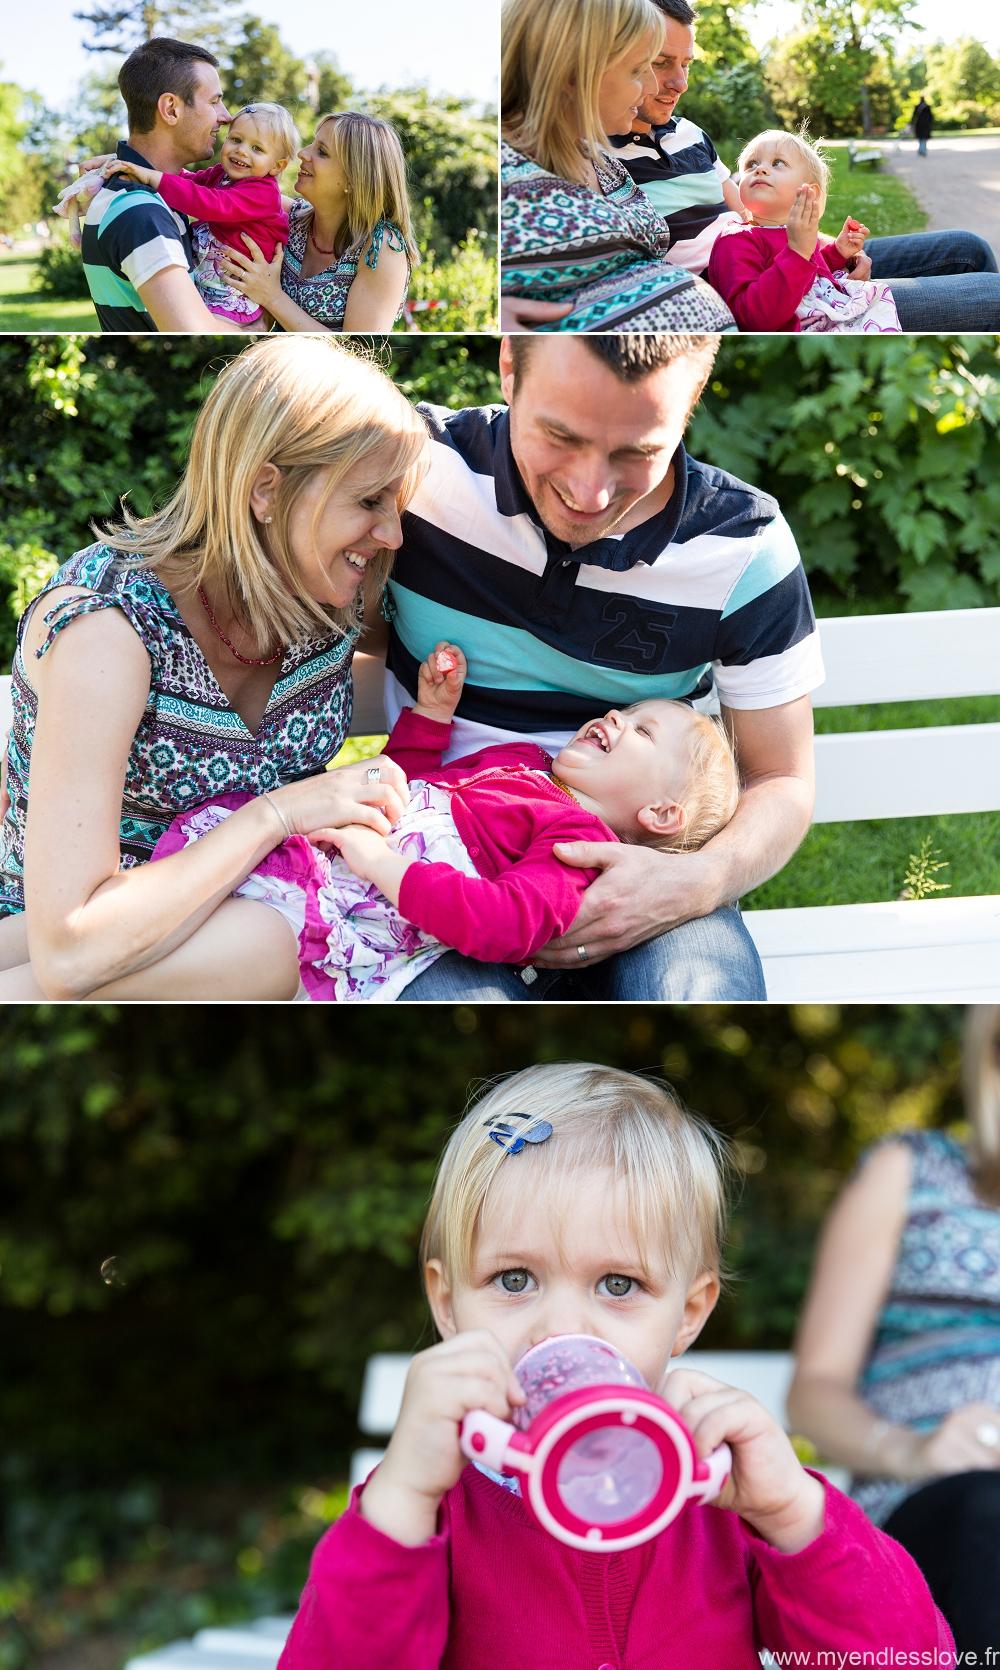 photographe famille strasbourg myendlesslove-melanie-reichhart-séancephoto-grossesse-strasbourg3